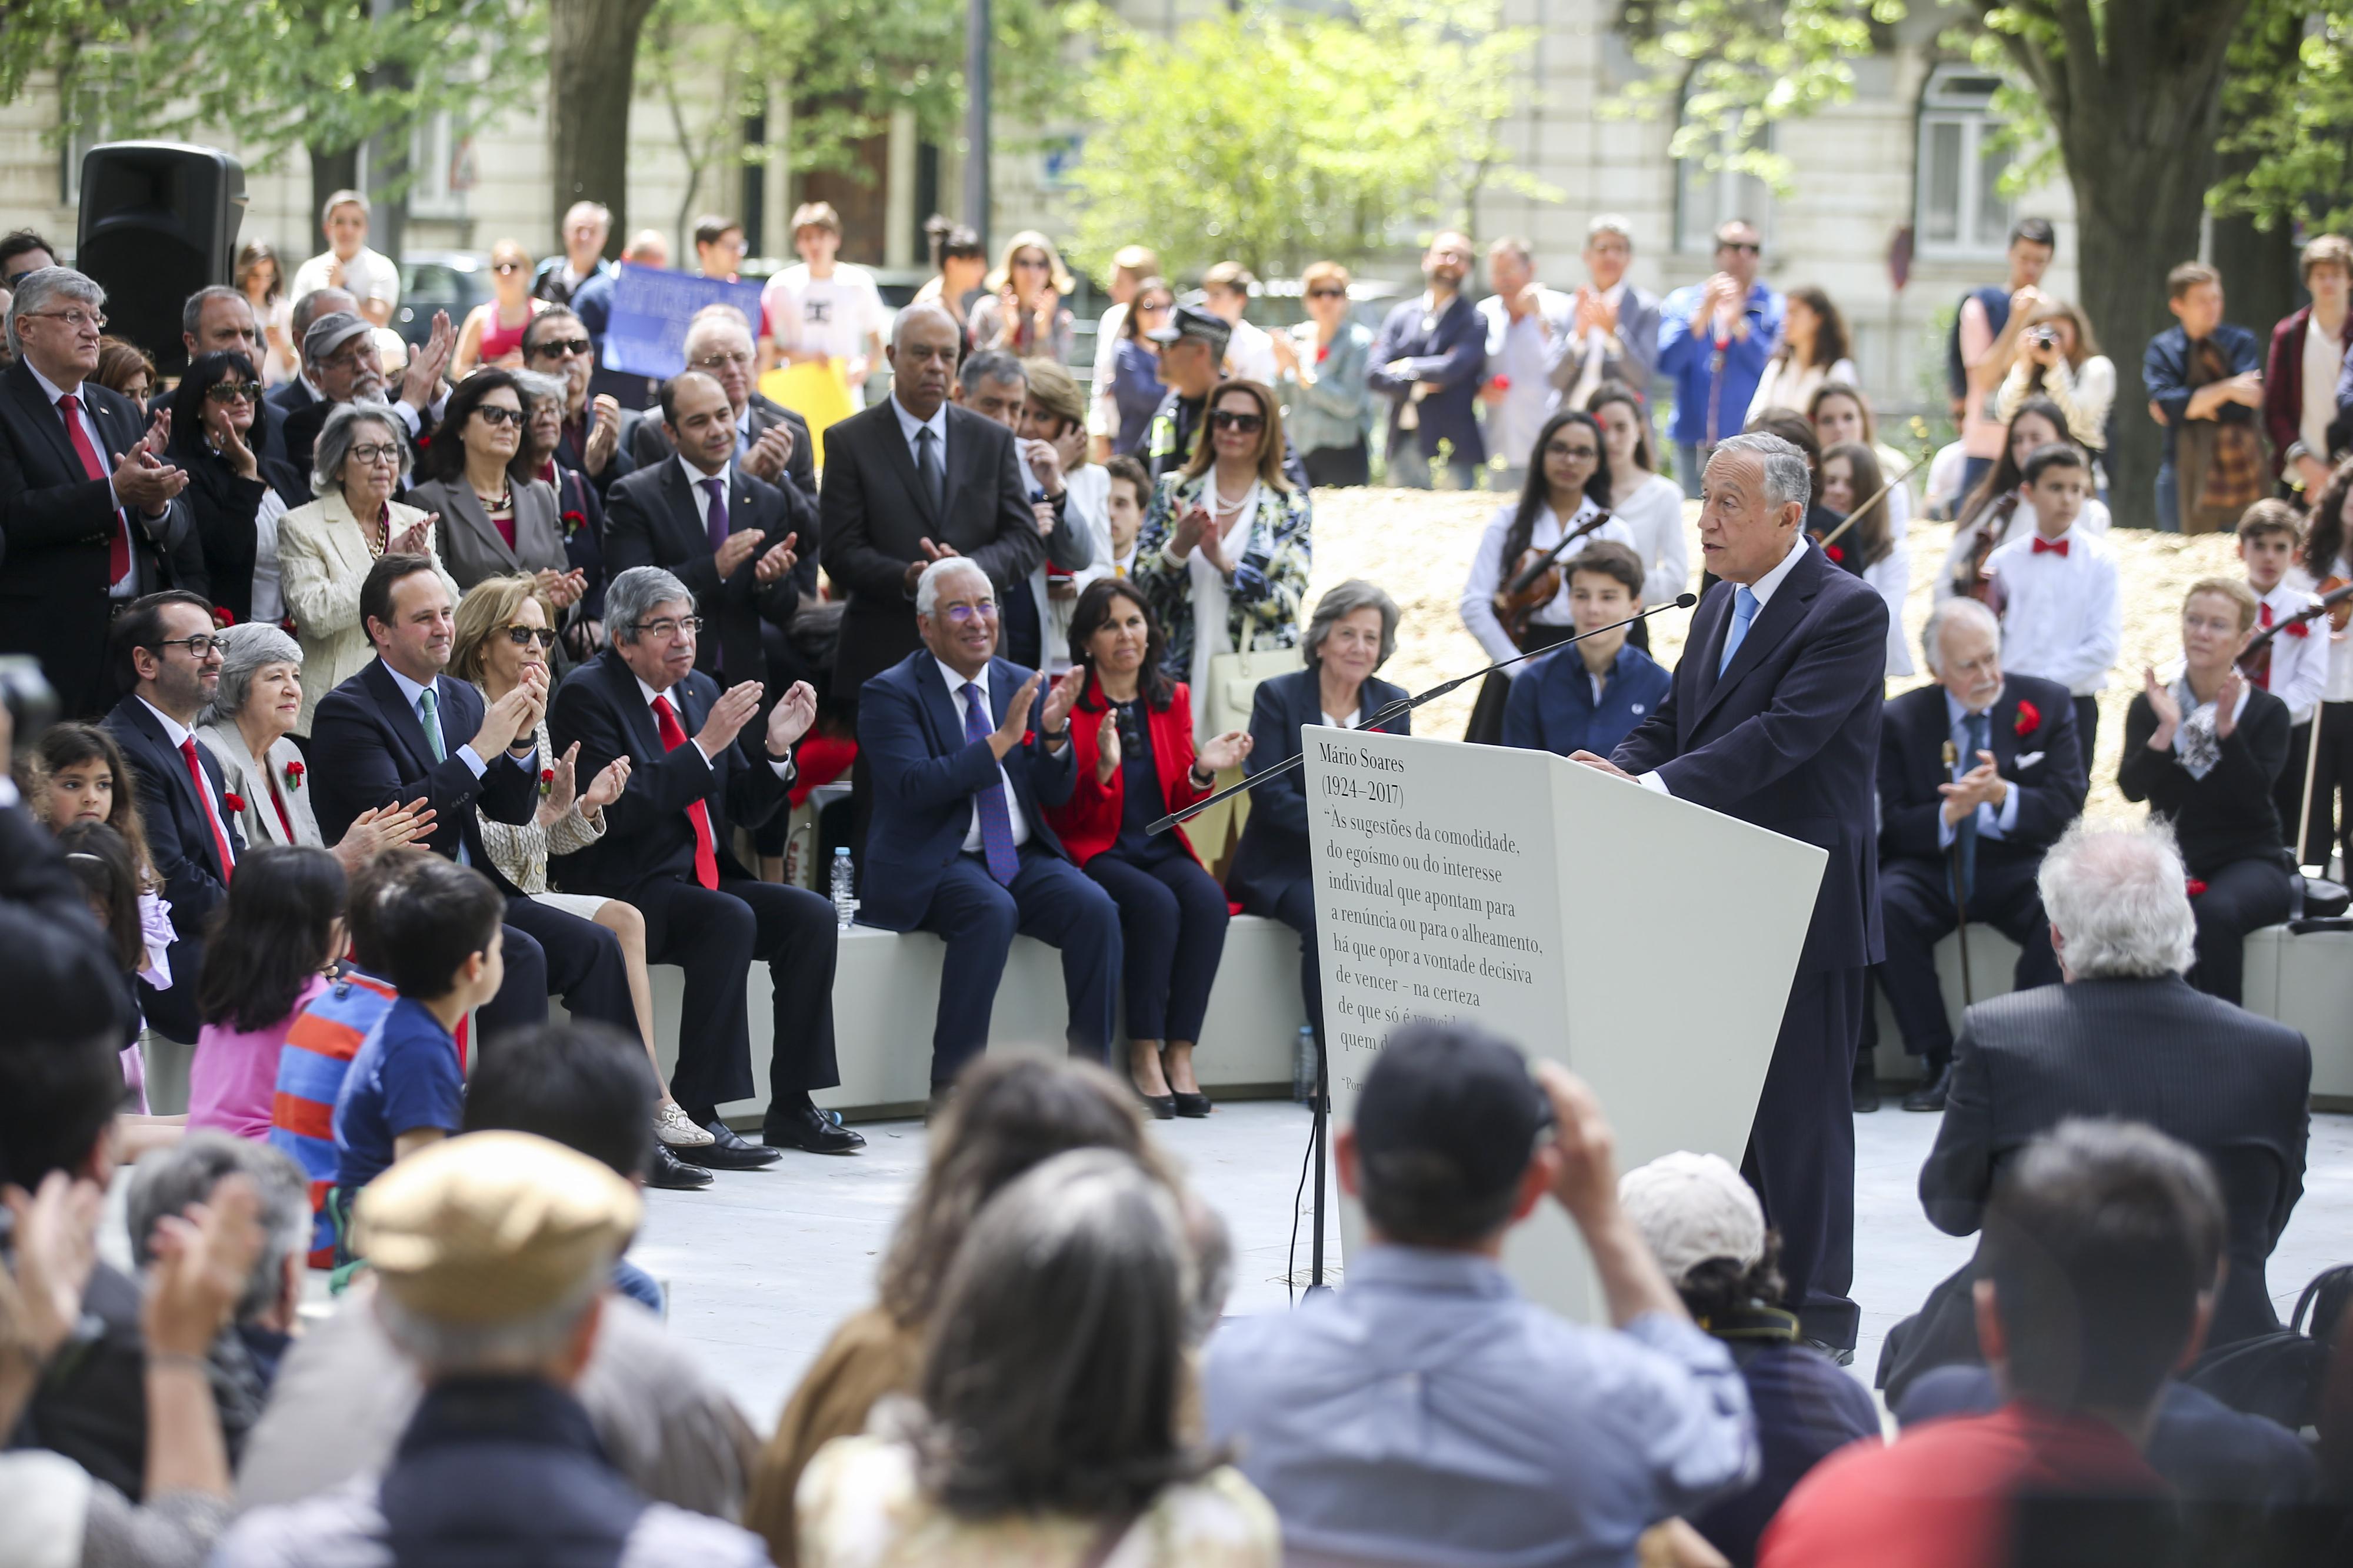 Presidente da República agradece a Mário Soares a liberdade de que todos gozam